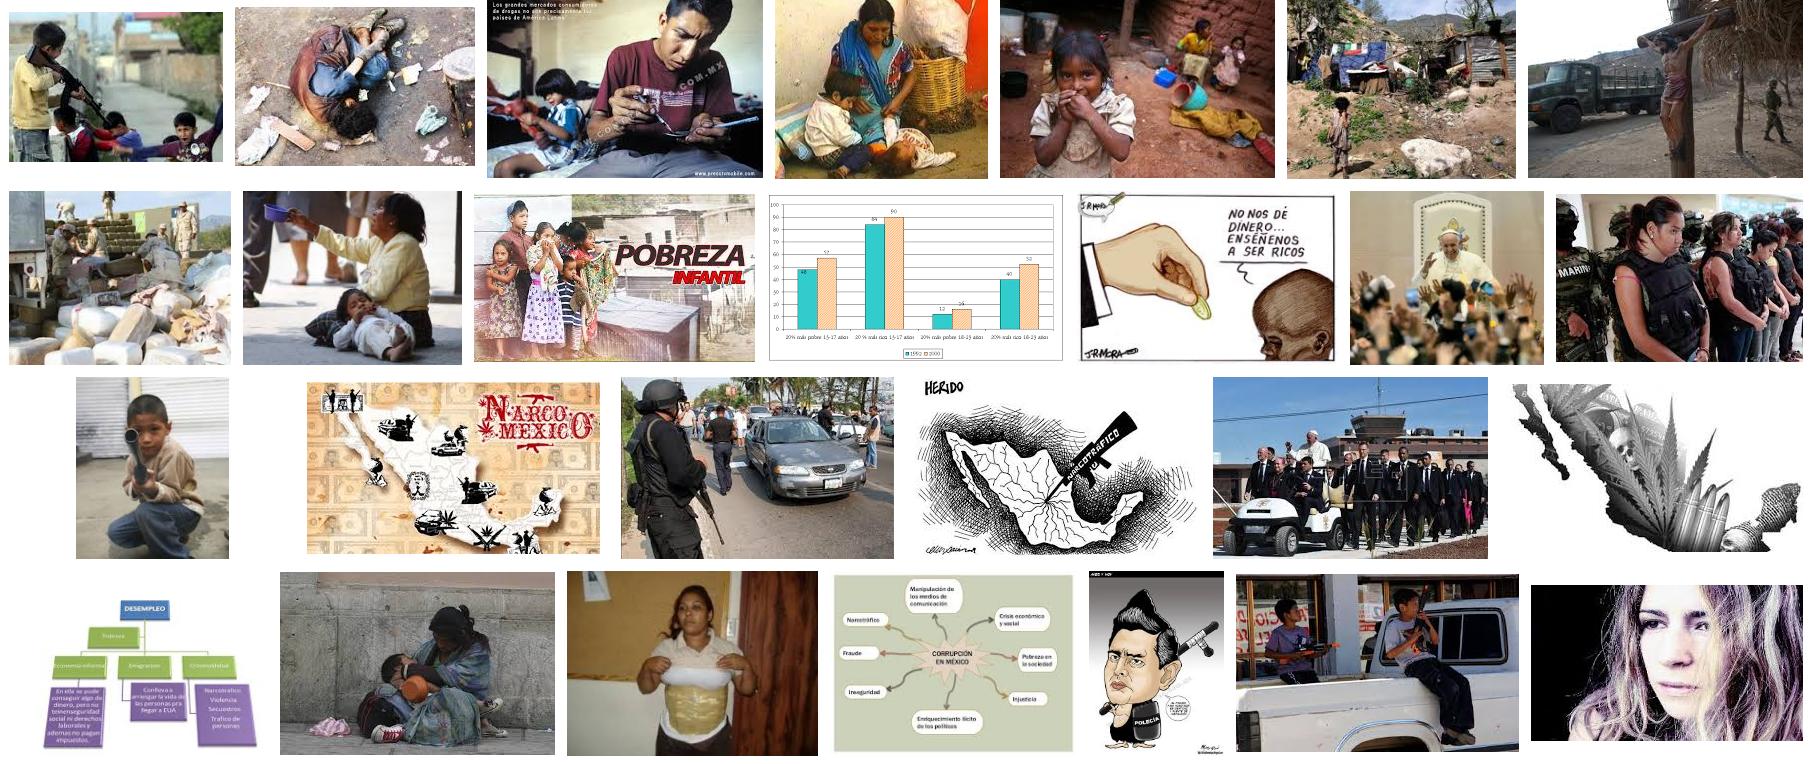 El México Bronco. Pobreza y Narcotráfico